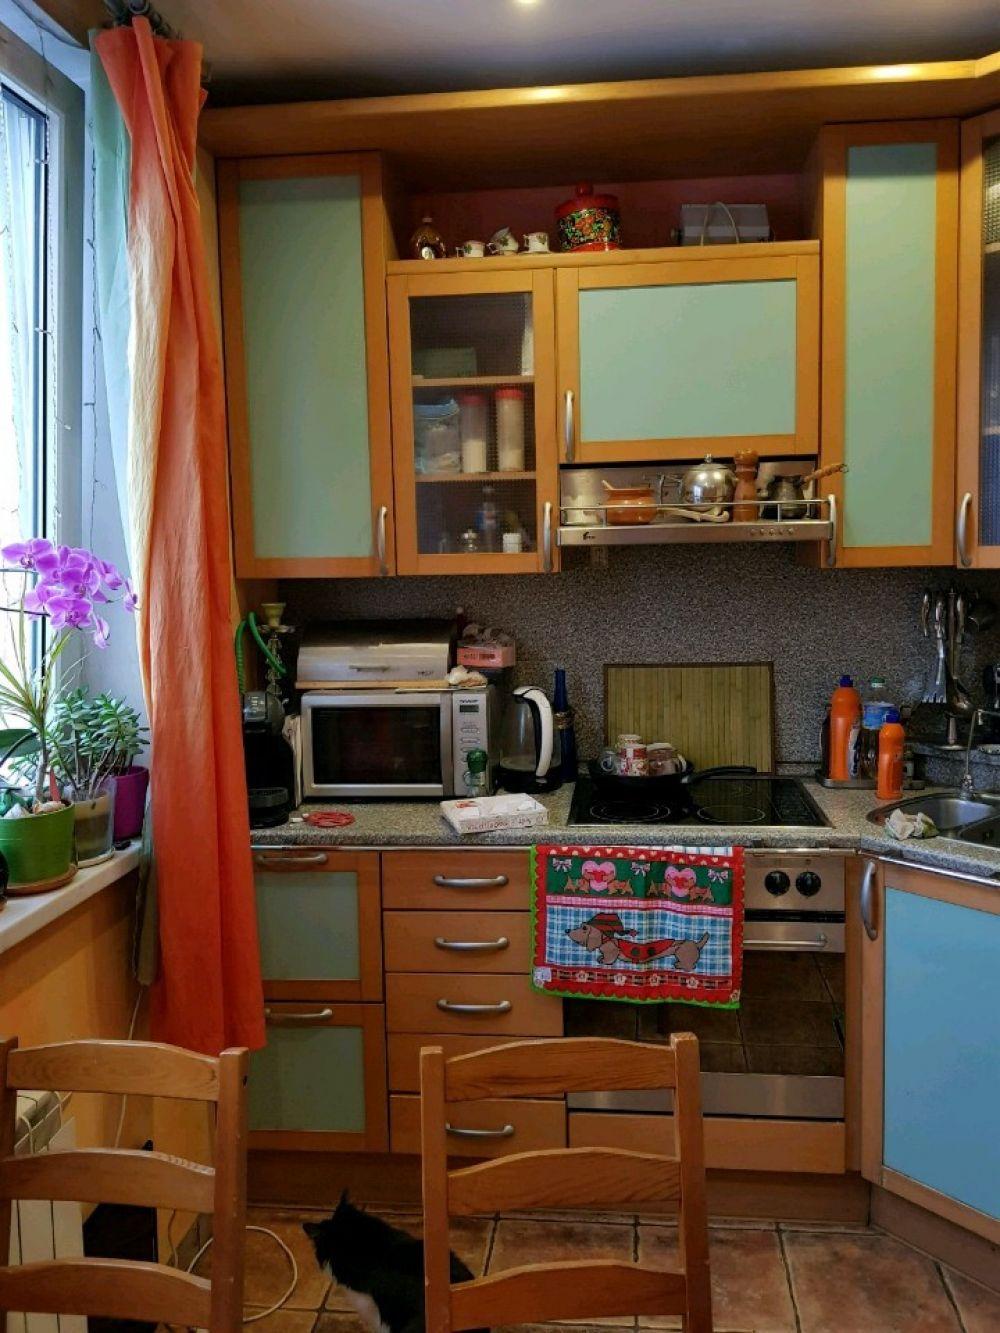 Однокомнатная квартира Московская область г.Королев ул.Пушкинская д.3., фото 3